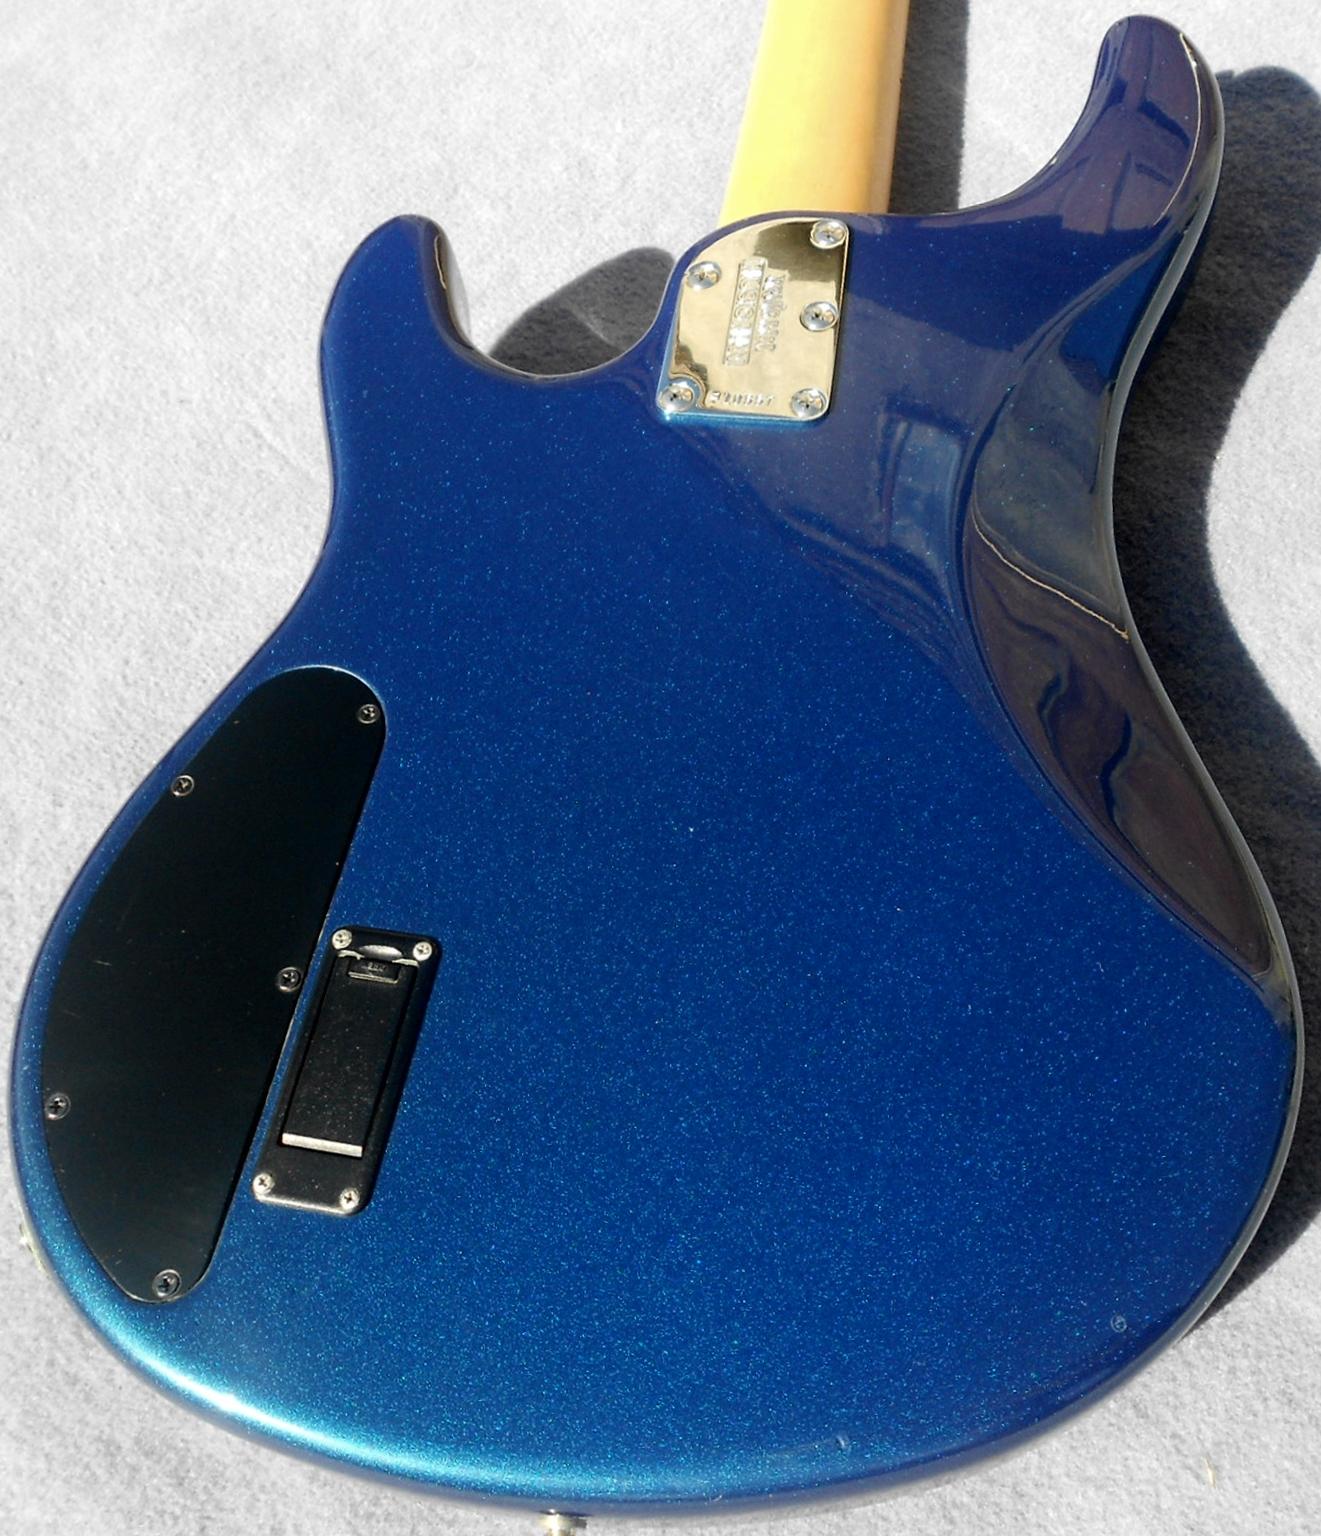 2004 Ernie Ball Musicman Sterling Bass USA Music Man Blue Pearl Maple